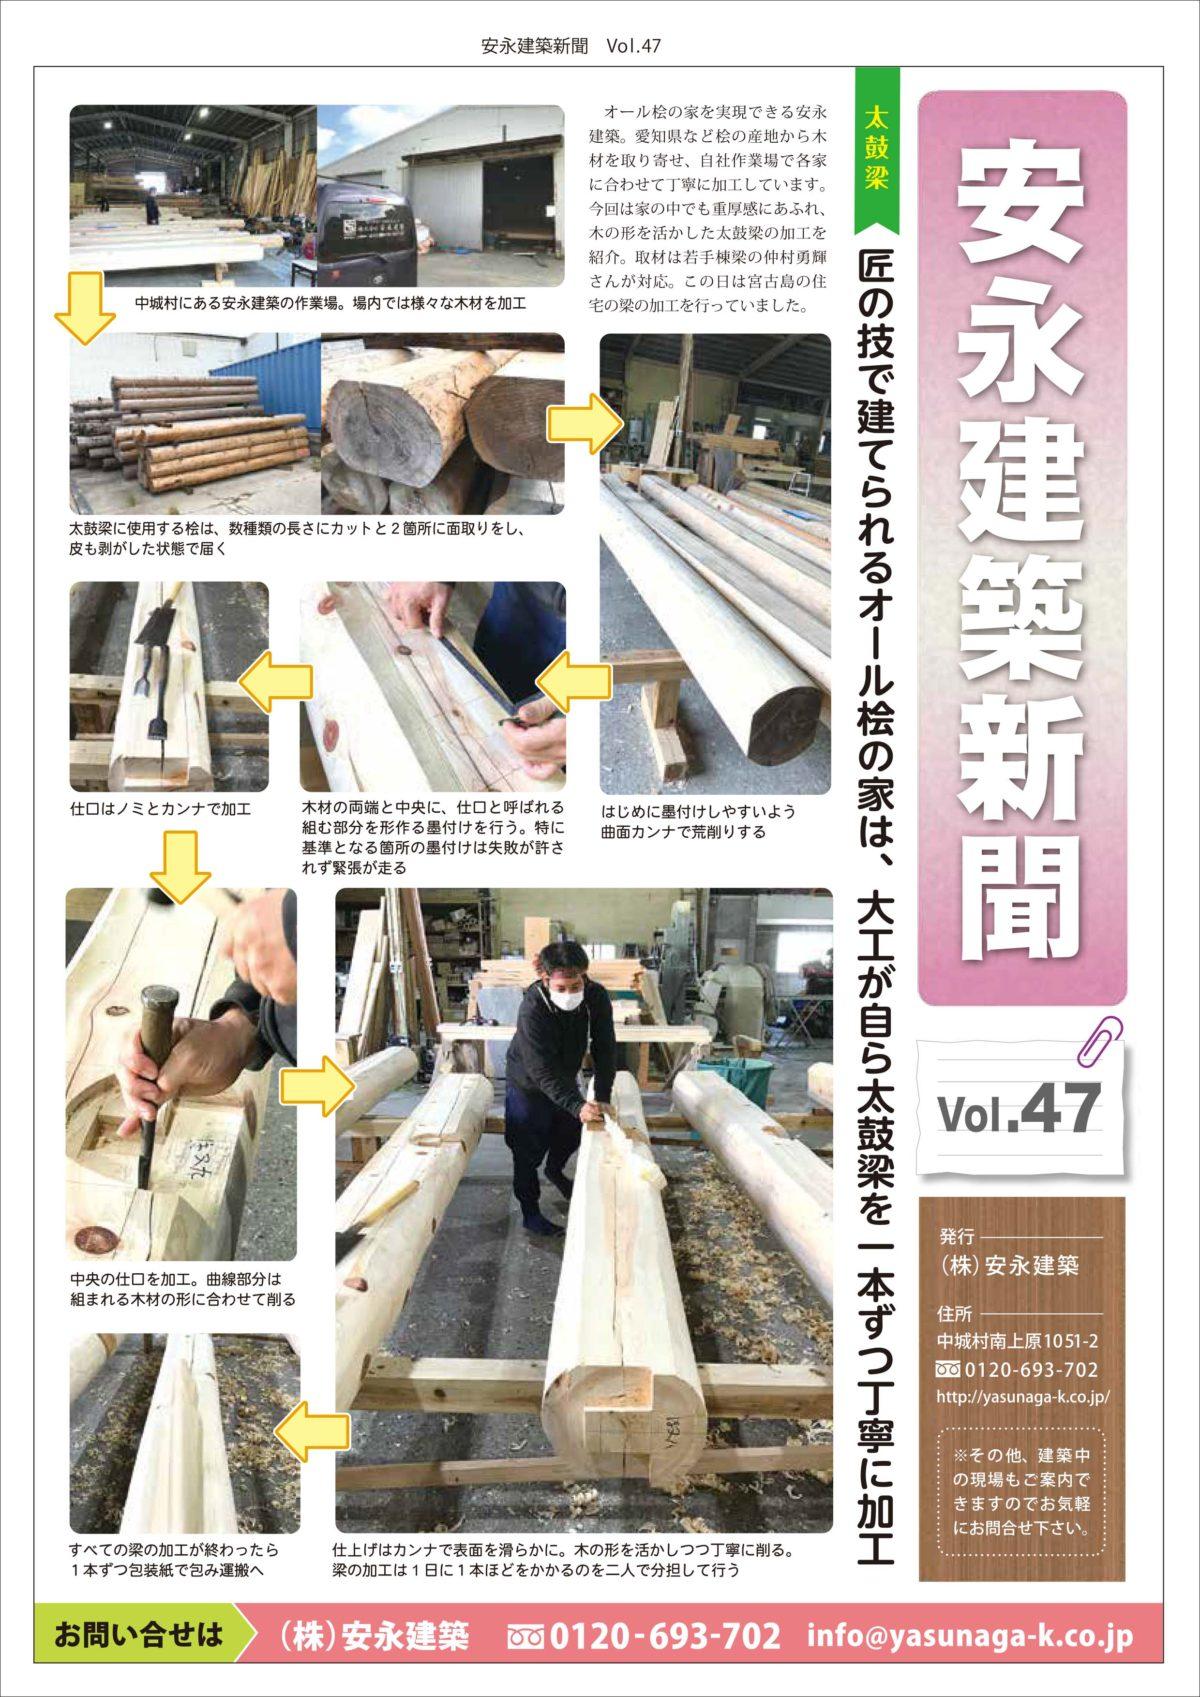 47号です! 「安永建築新聞」マンガ以外のチラシもやってます!